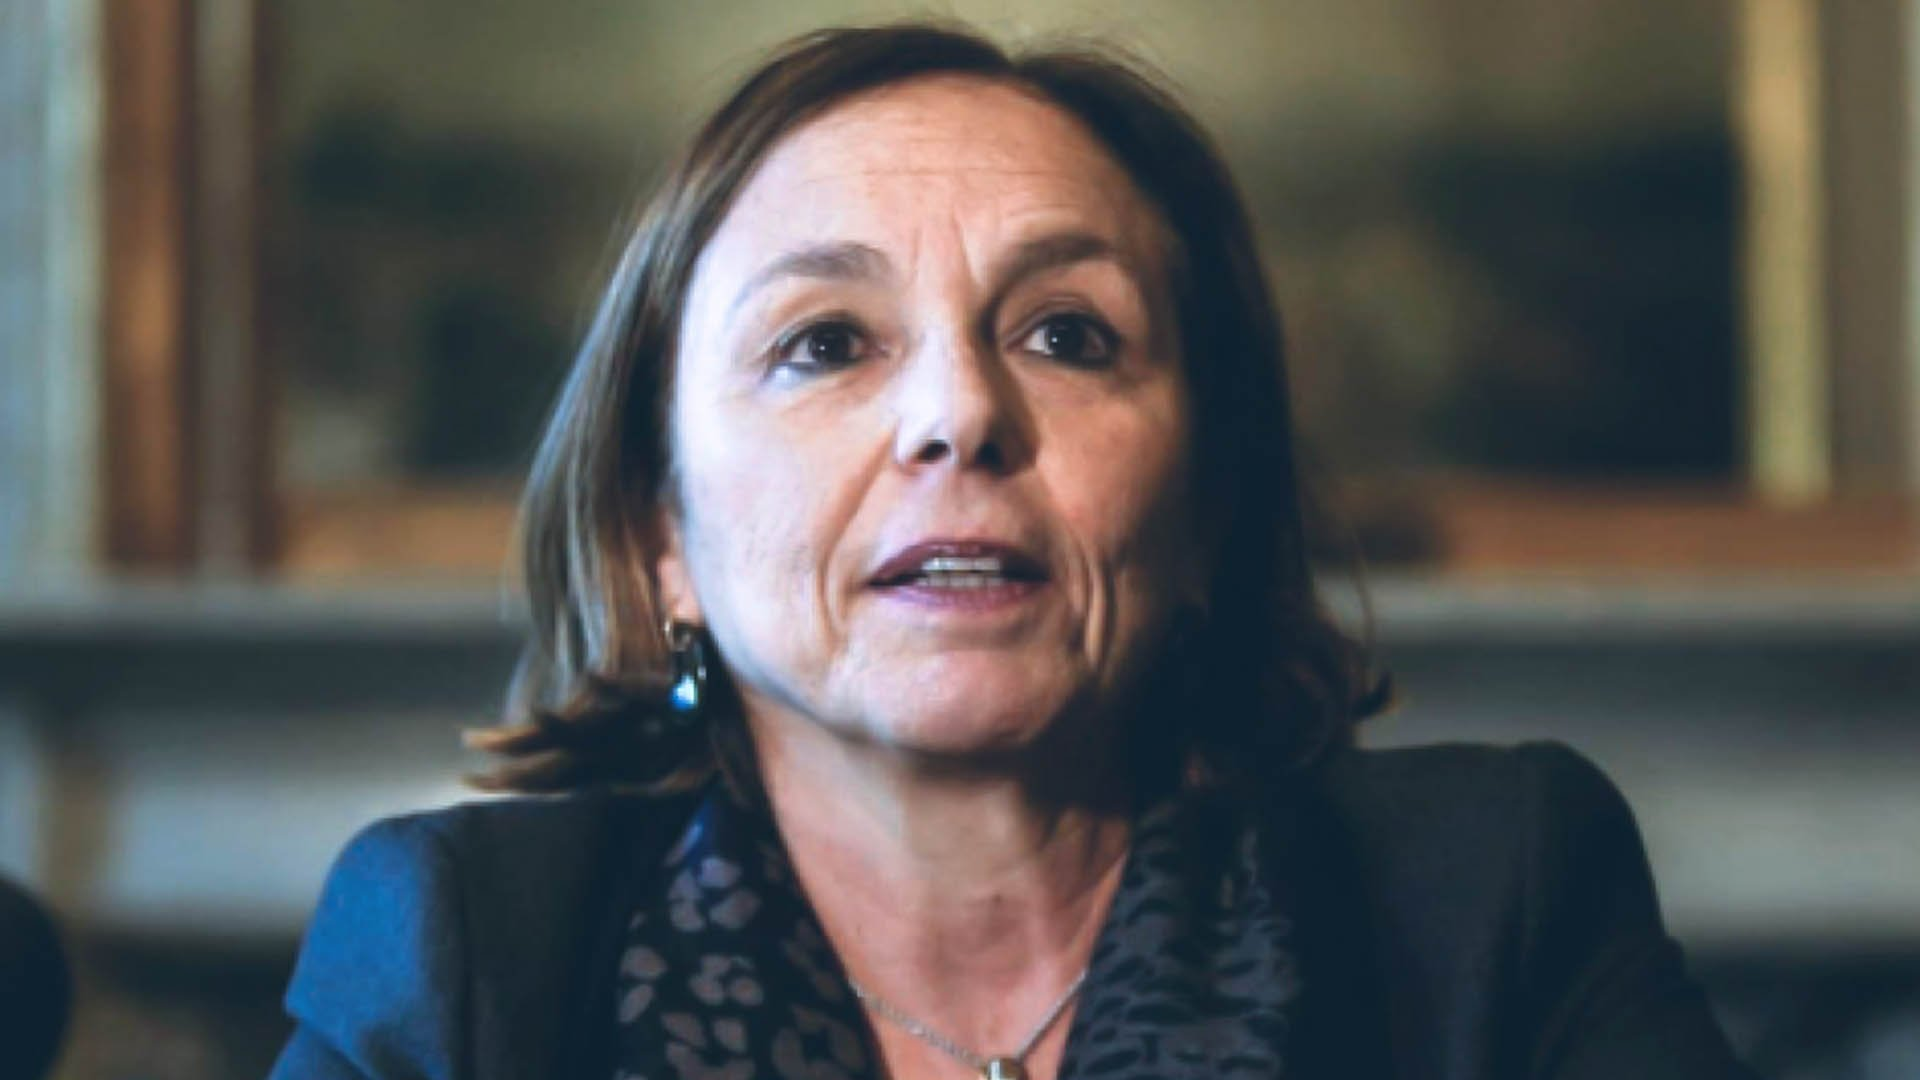 La Ministra Lamorgese è famosa per non avere profili sui social